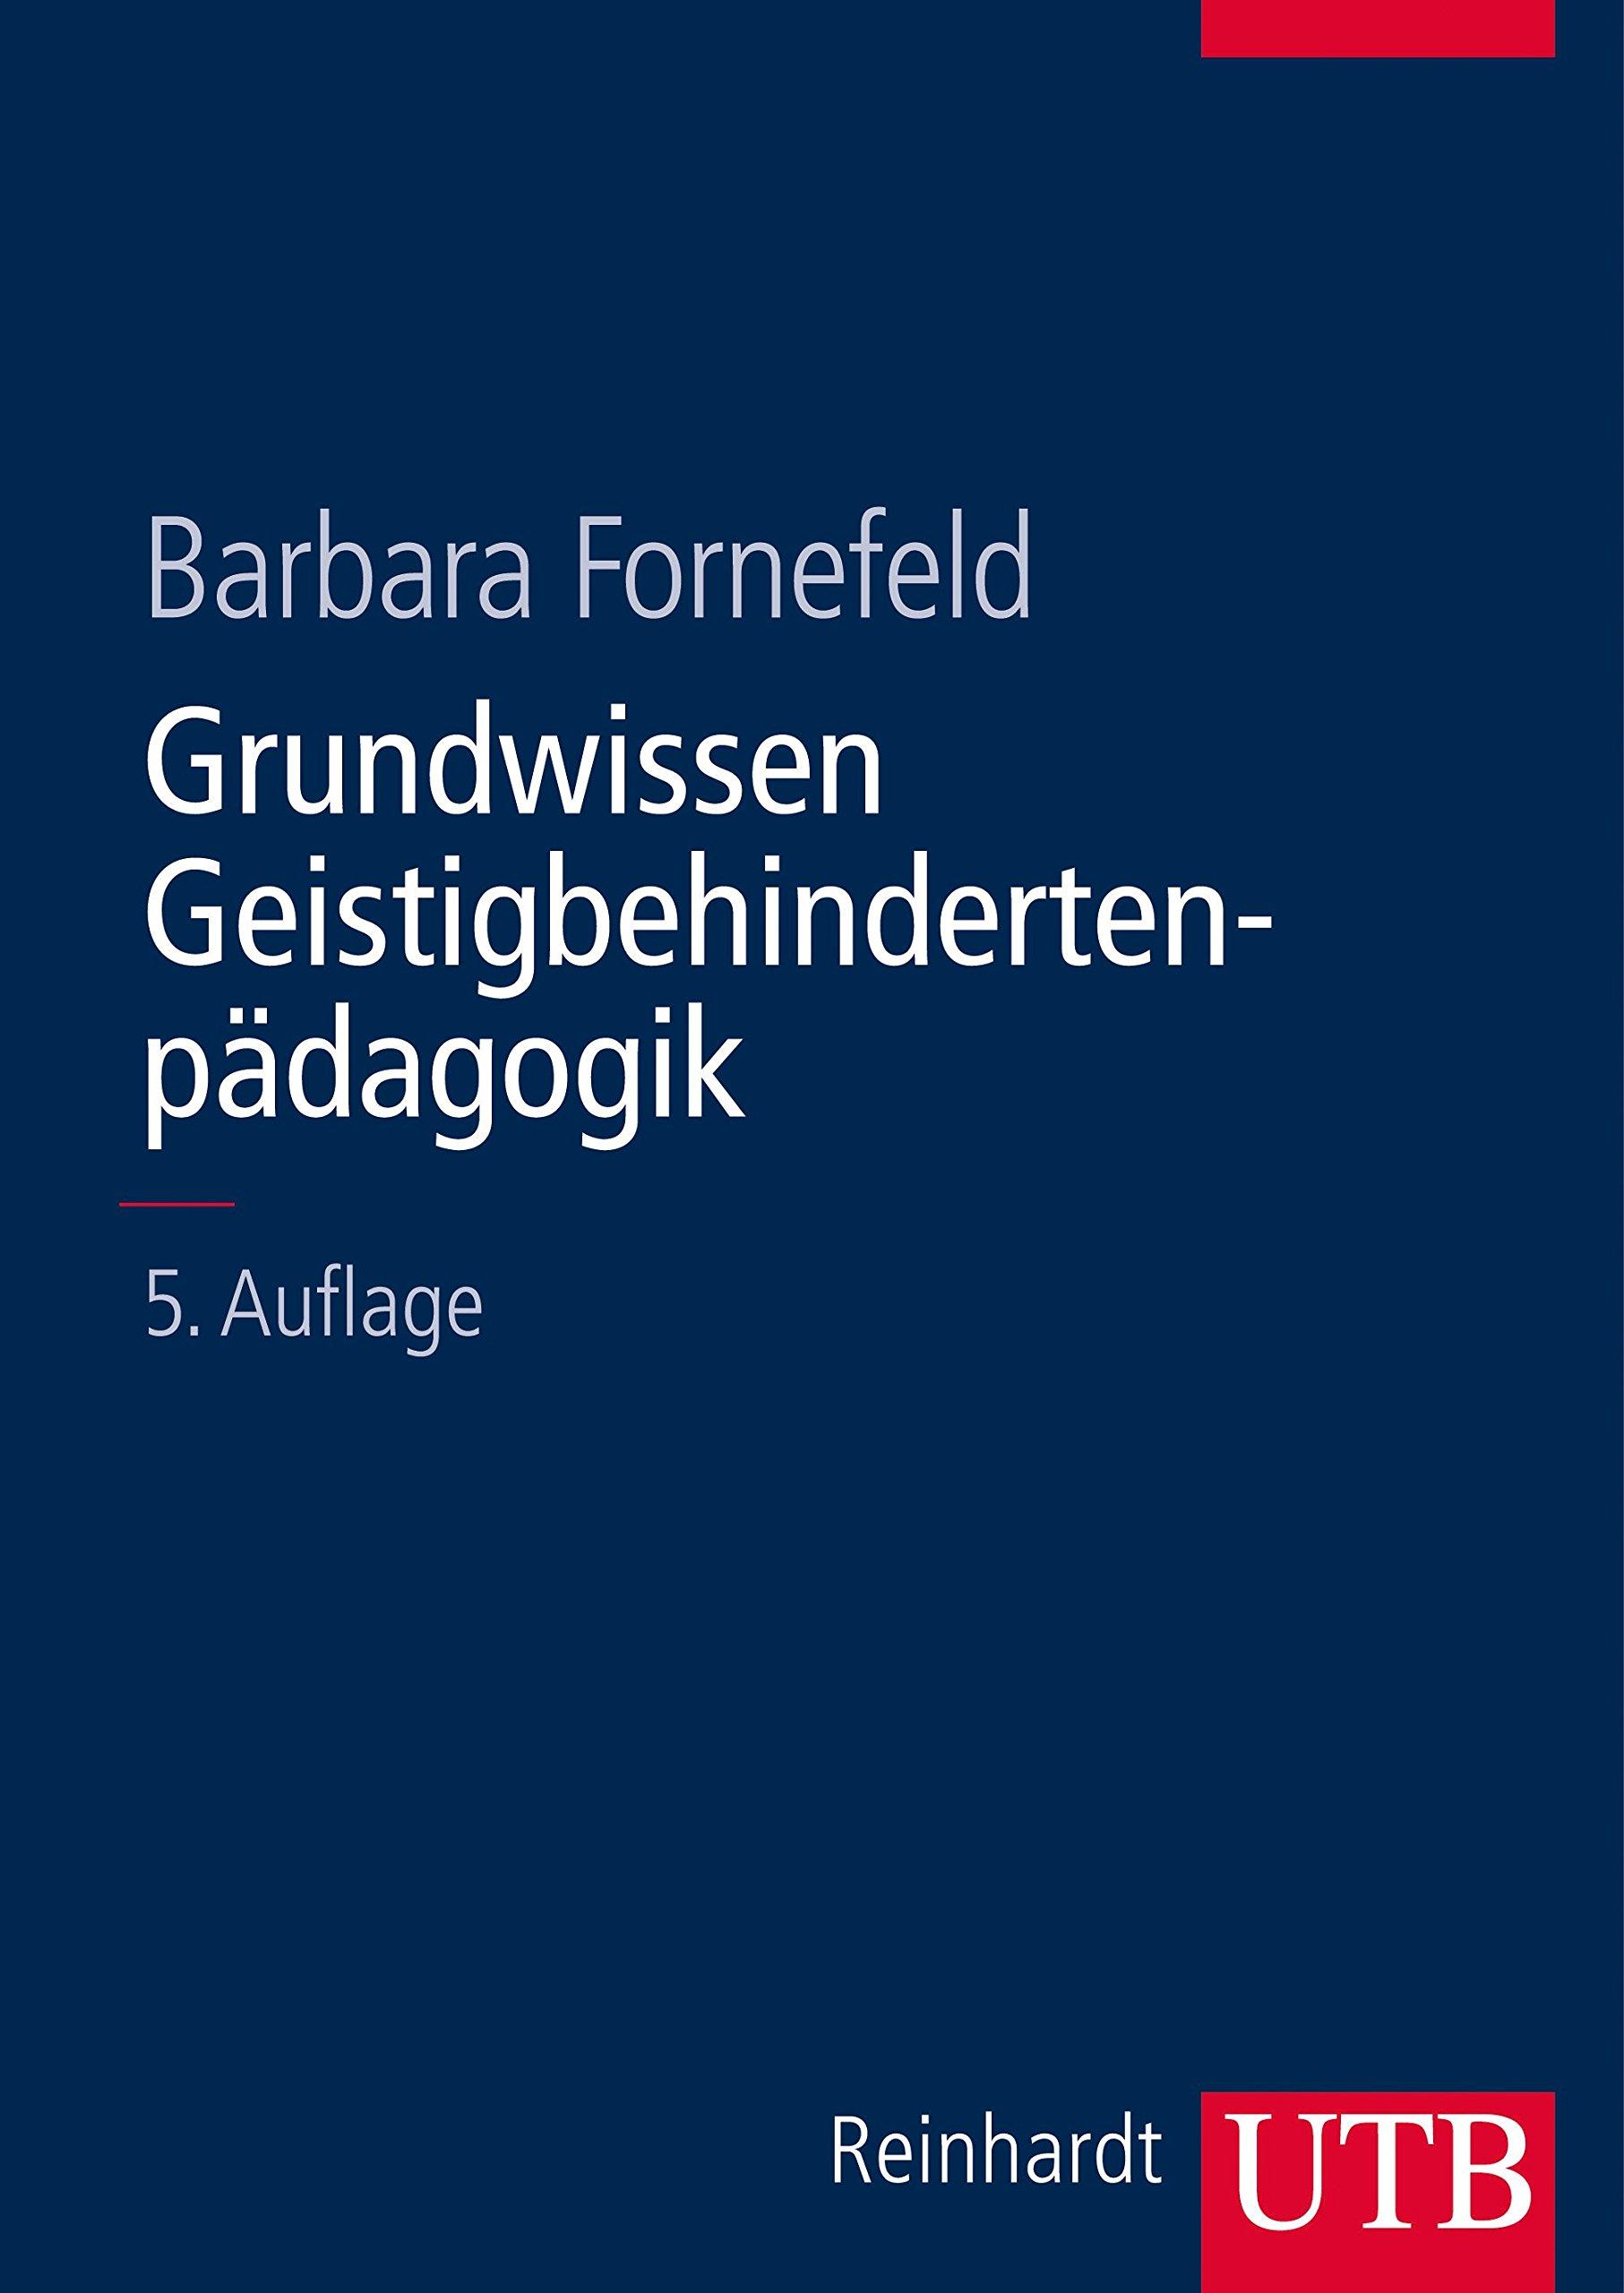 Grundwissen Geistigbehindertenpädagogik (Basiswissen der Sonder- und Heilpädagogik, Band 8431)